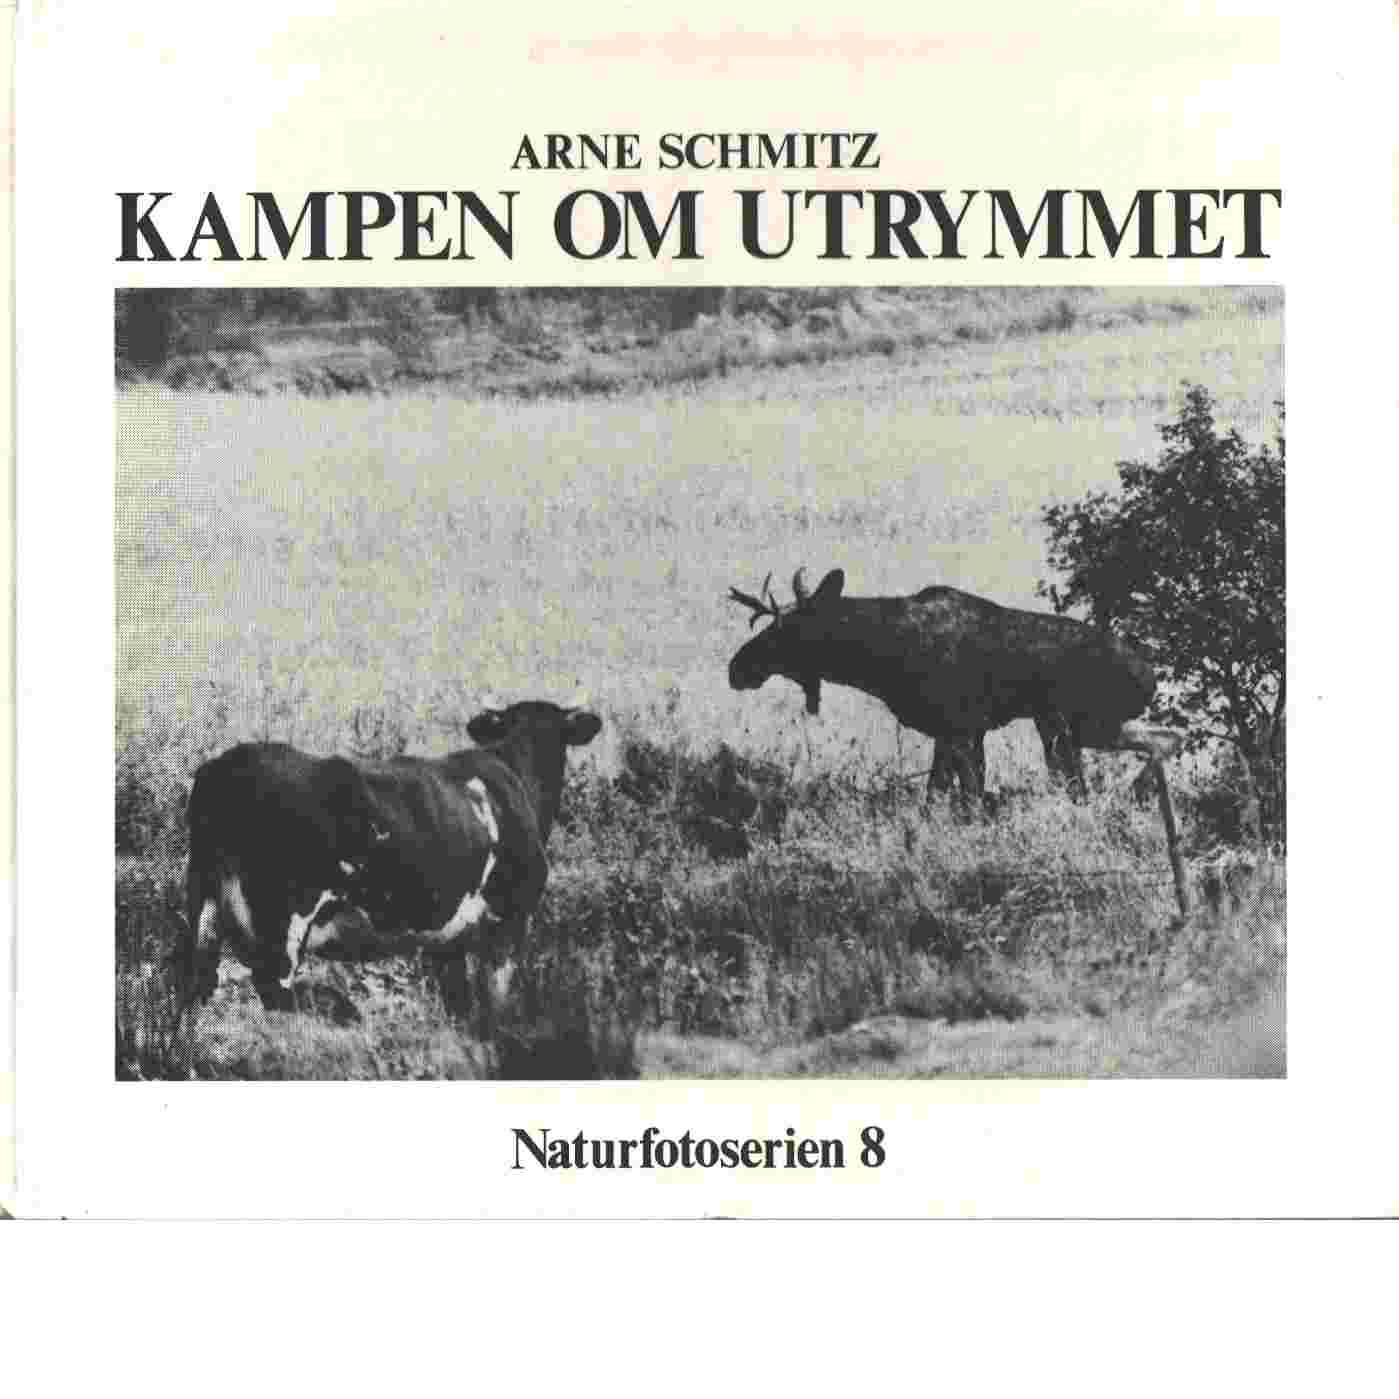 Kampen om utrymmet - Schmitz, Arne